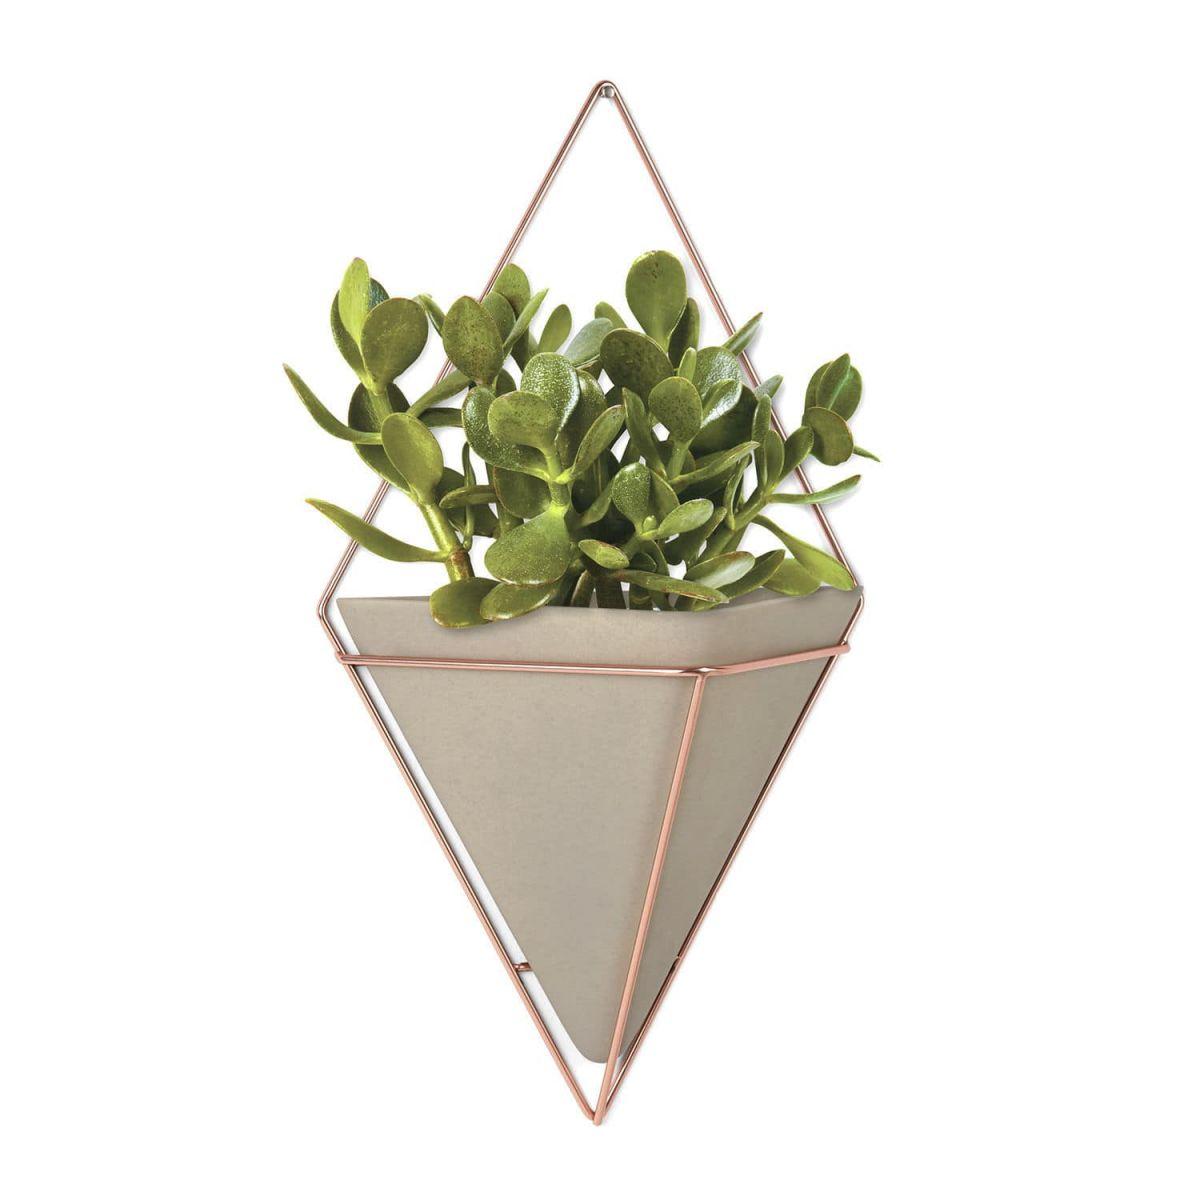 Vaso de Parede Trigg Grande  - Concreto/Cobre - Umbra